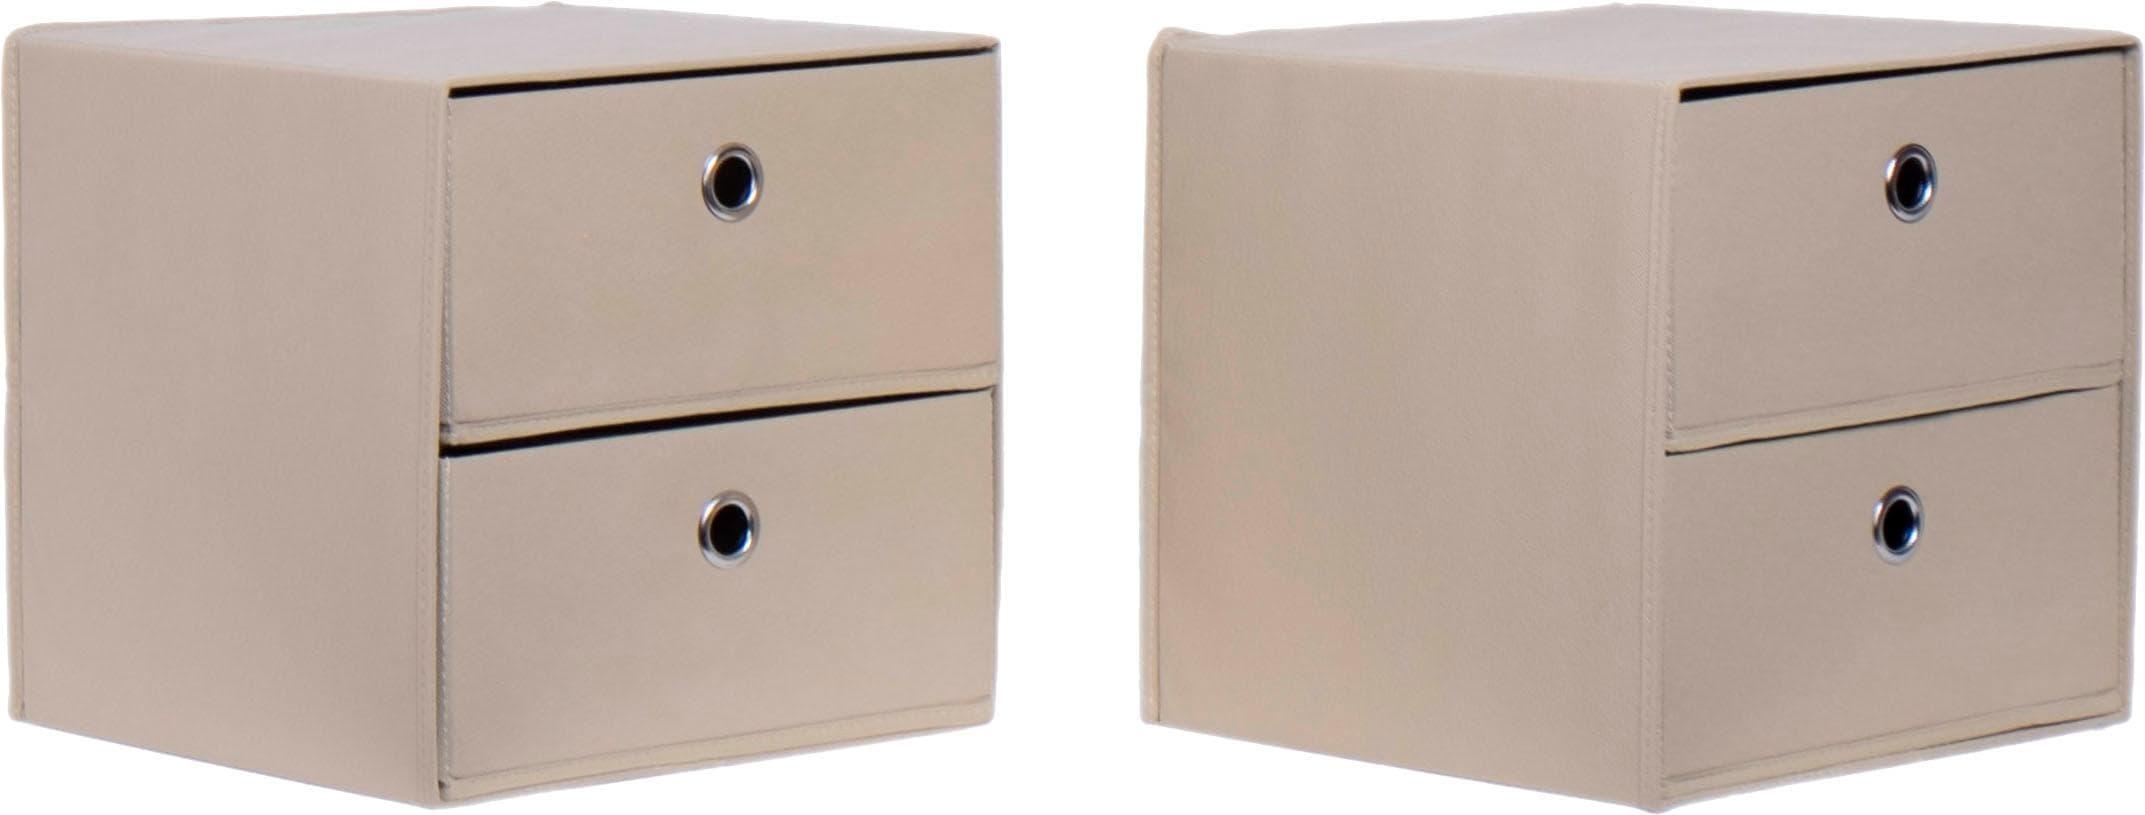 Schildmeyer Faltboxen 2er-Set | Dekoration > Aufbewahrung und Ordnung > Kästchen | Schildmeyer